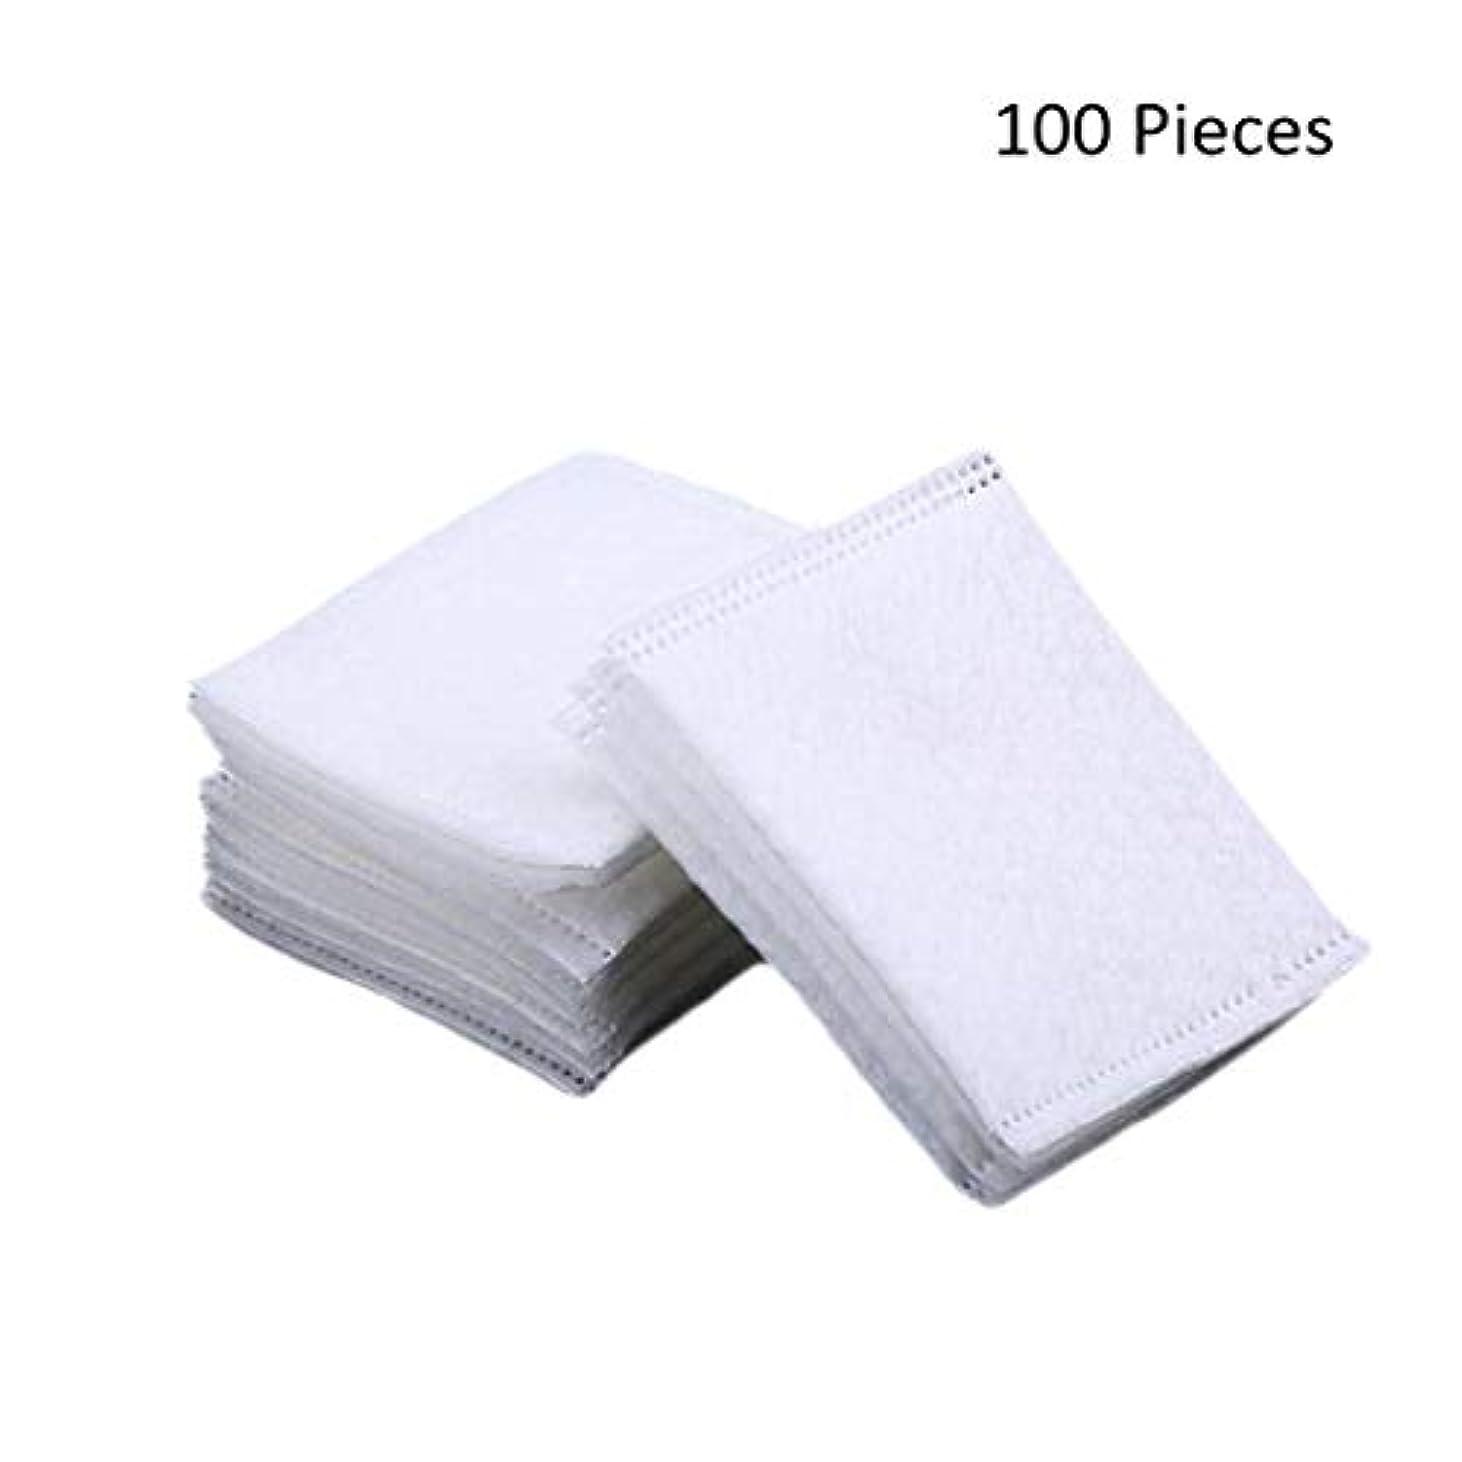 逸脱恨みテレビを見る50/100/220ピースダブルサイドフェイスメイクアップリムーバーコットンパッド密封旅行削除コットンパッドスキン化粧品メイクアップツール (Color : White, サイズ : 100 Pieces)